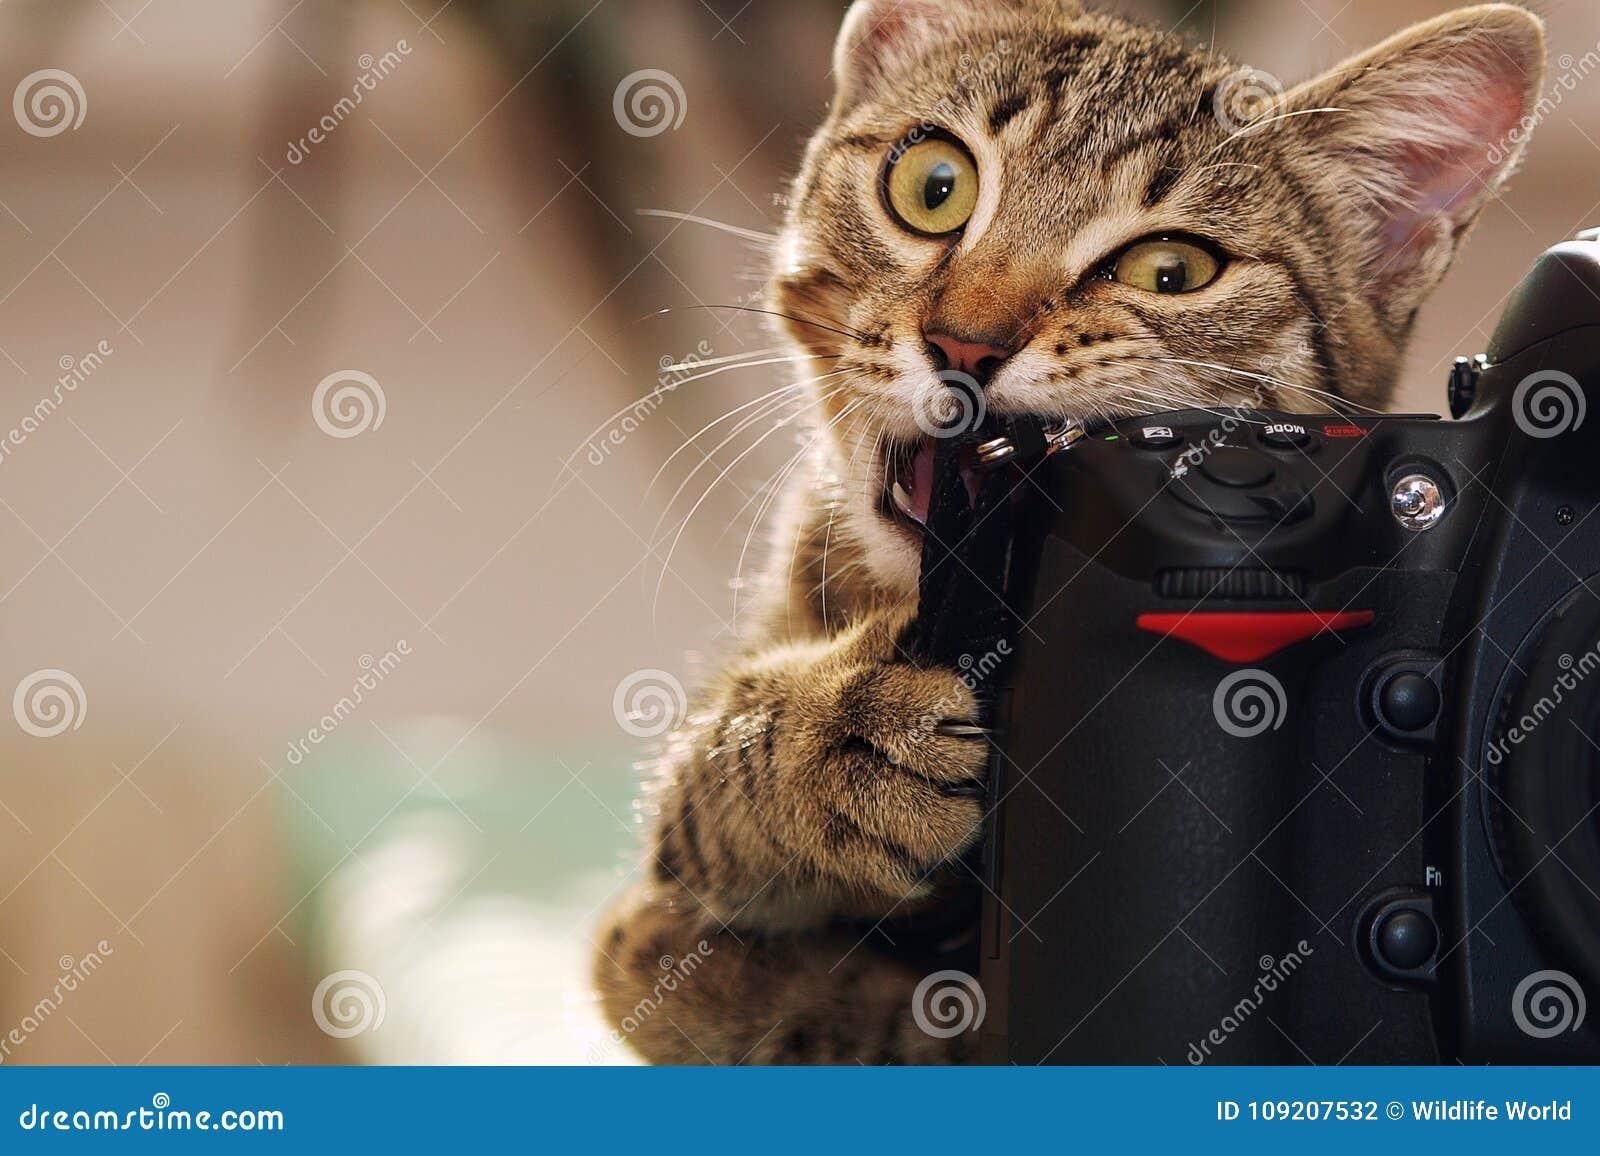 Αστεία γάτα με μια κάμερα